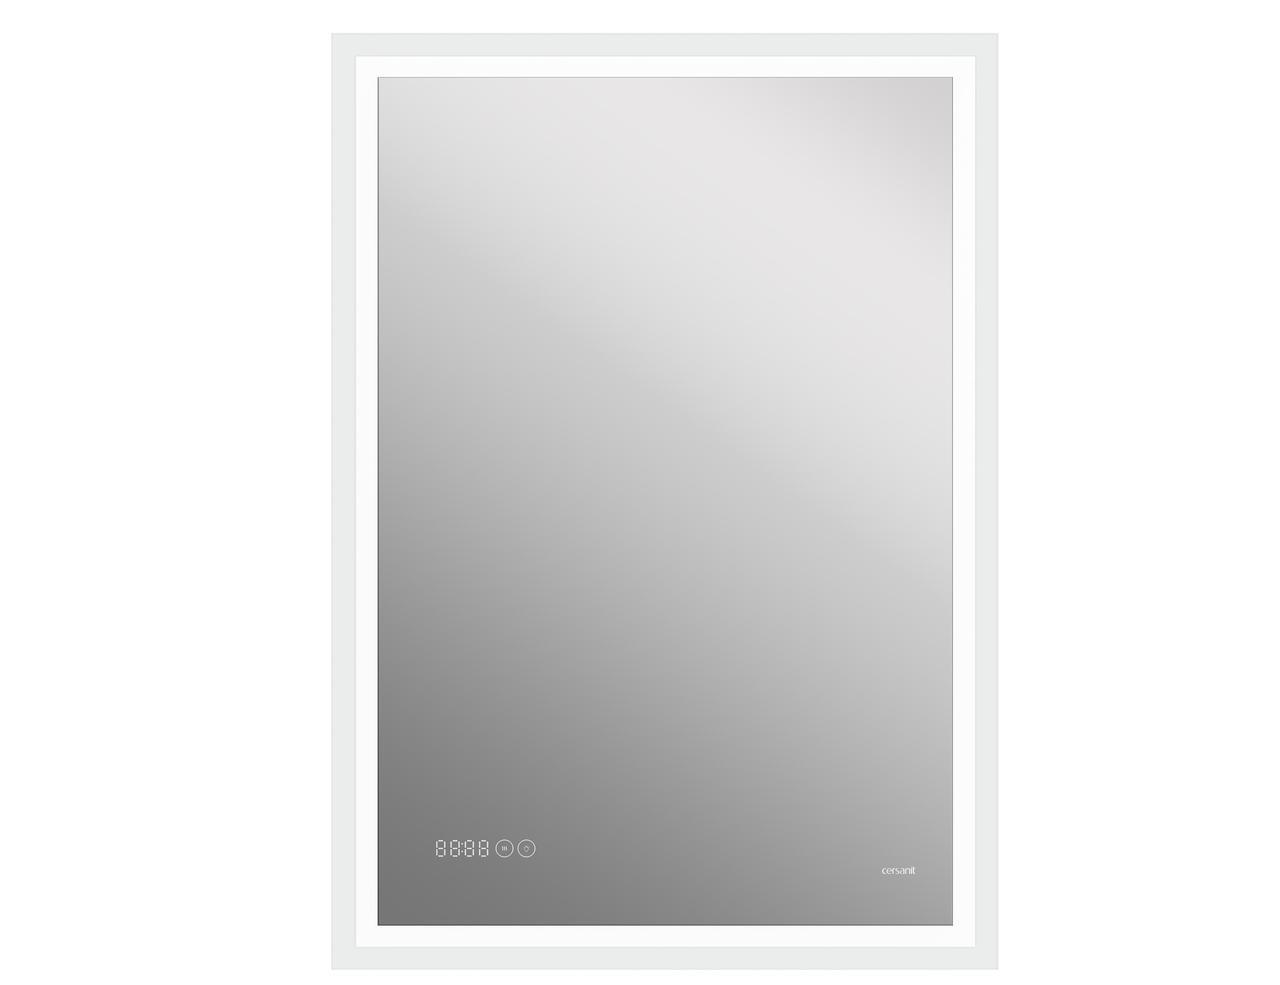 Зеркало LED 080 design pro 60x85 с подсветкой часы с антизапотеванием прямоугольное - фото 1